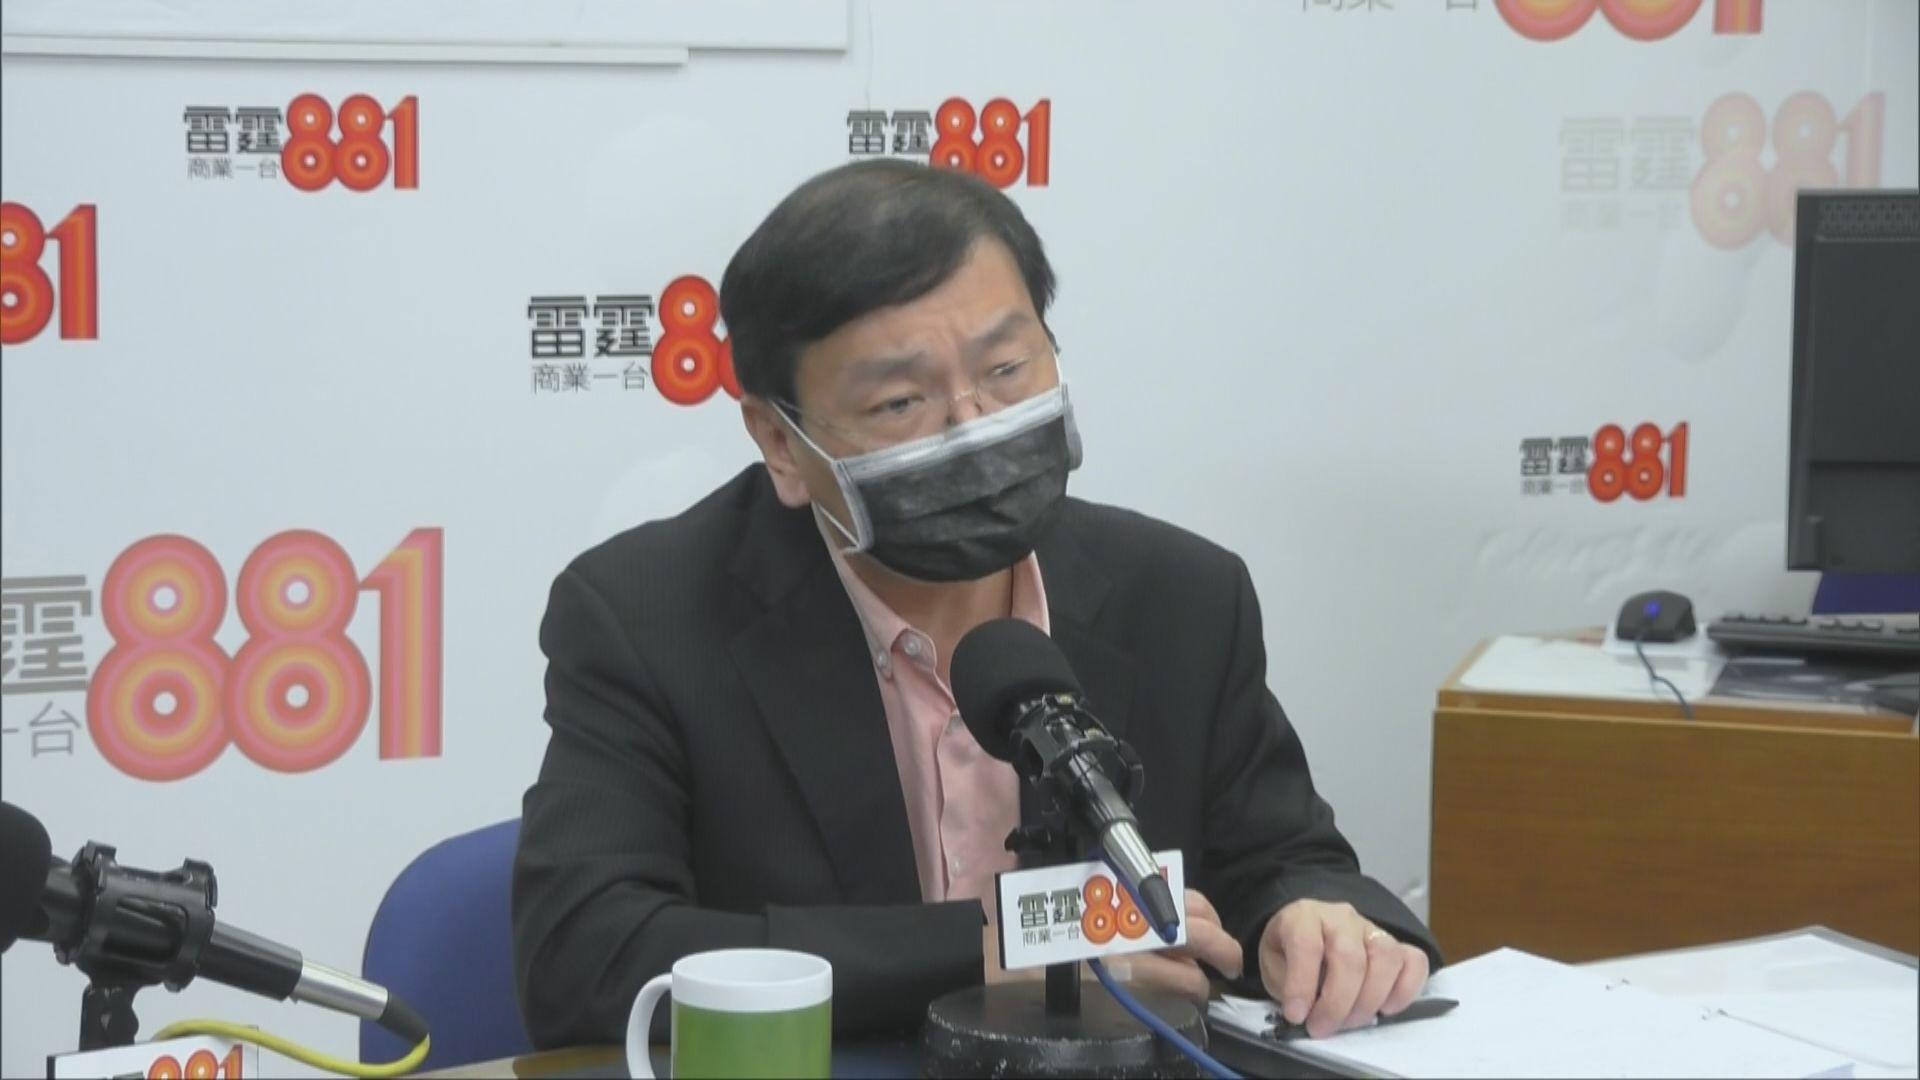 陳文敏:非只影響小撮人就不擔心國安法